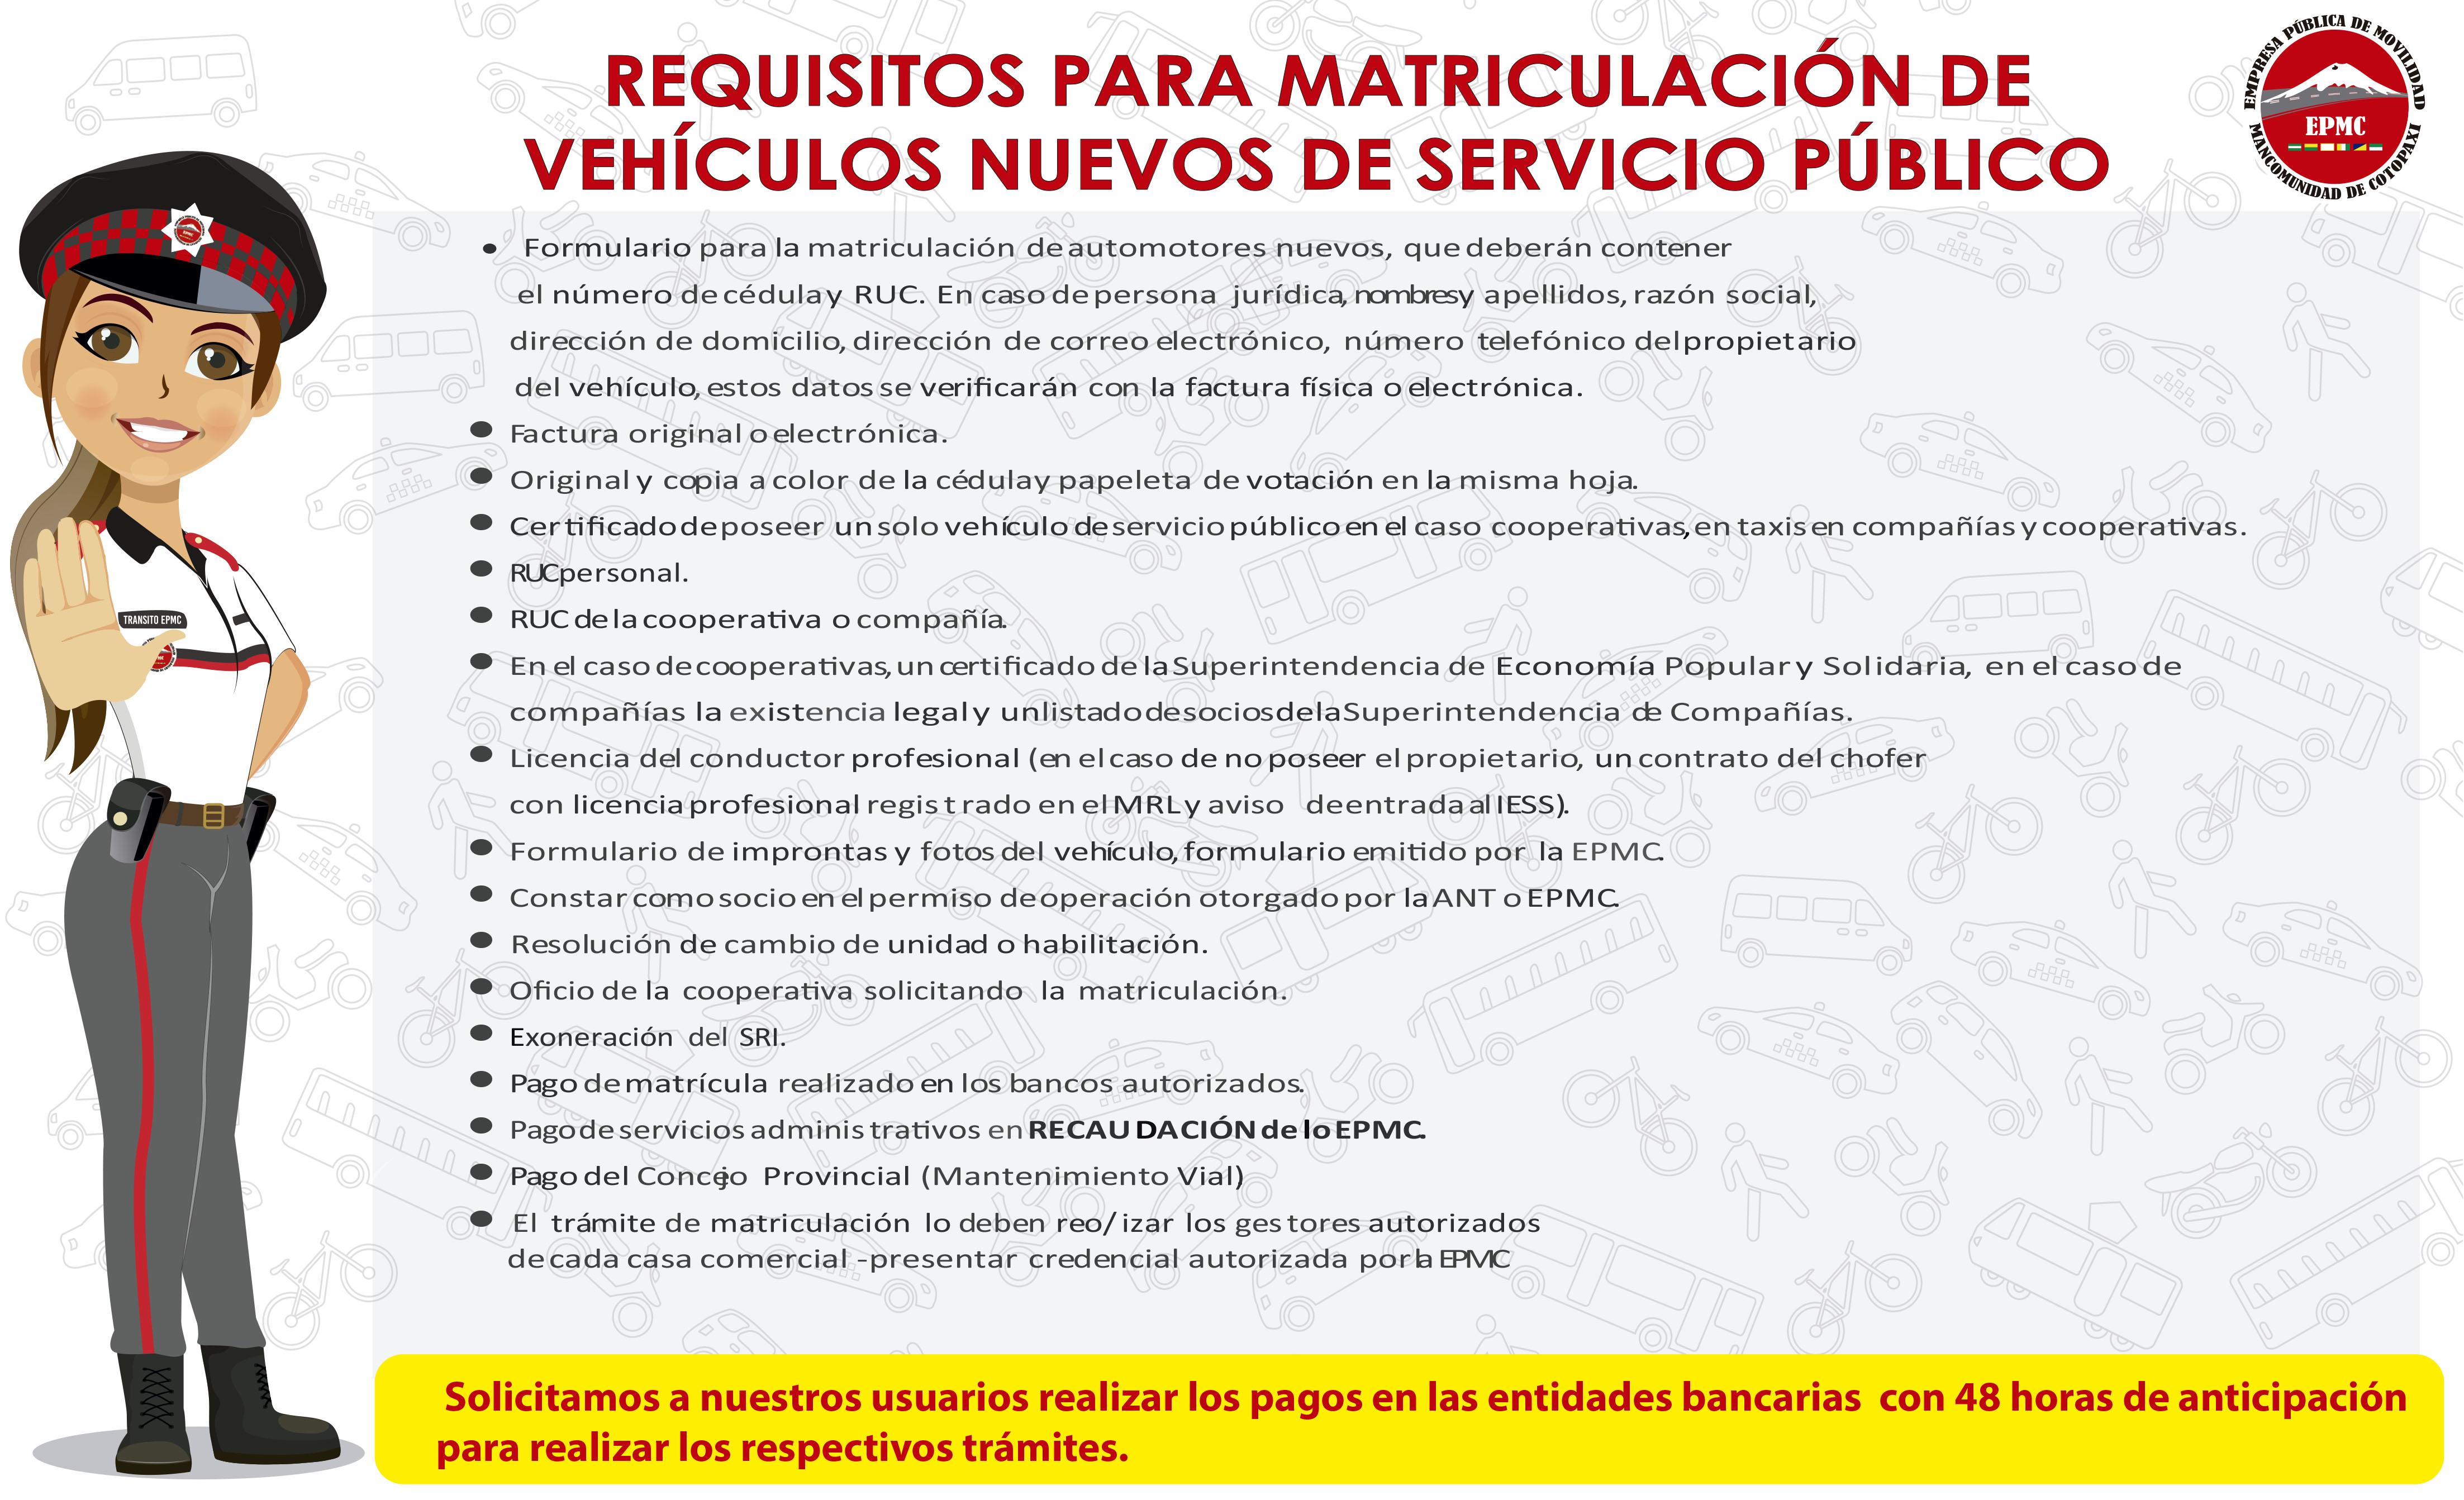 MATRICULACIÓN DE  VEHÍCULOS NUEVOS DE SERVICIO PÚBLICO